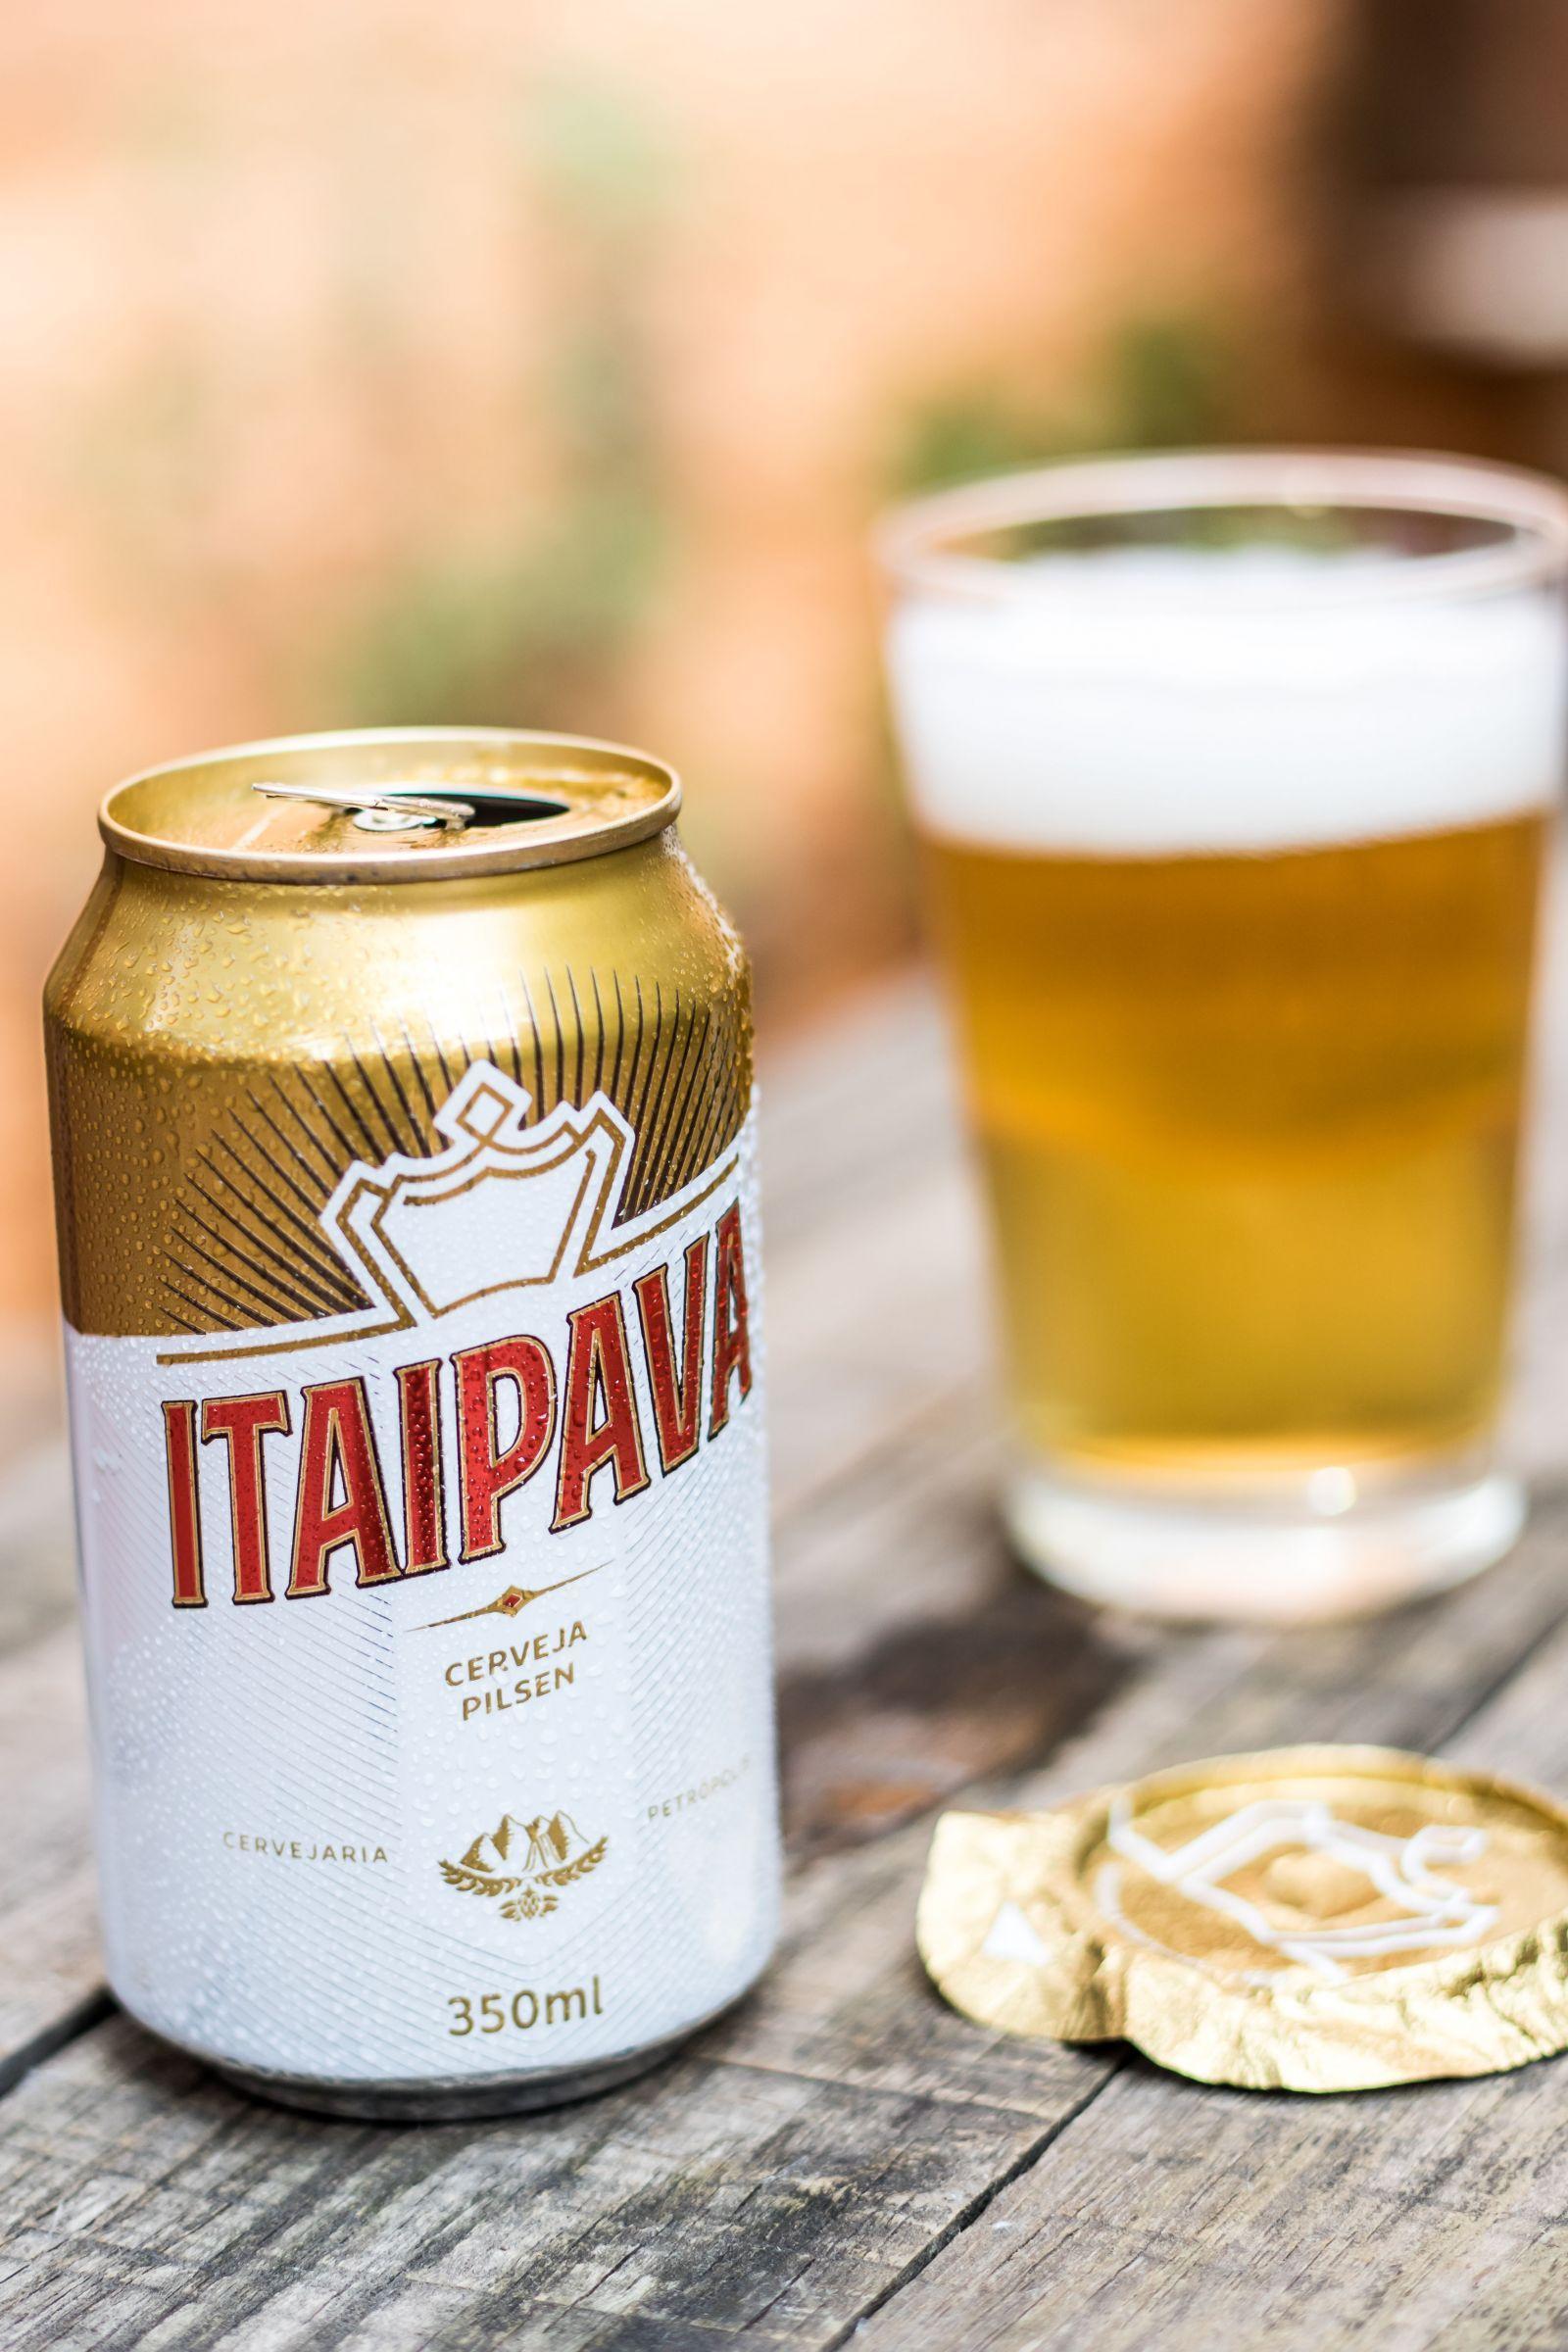 Itaipava Renova Identidade Visual Cerveja Itaipava Itaipava